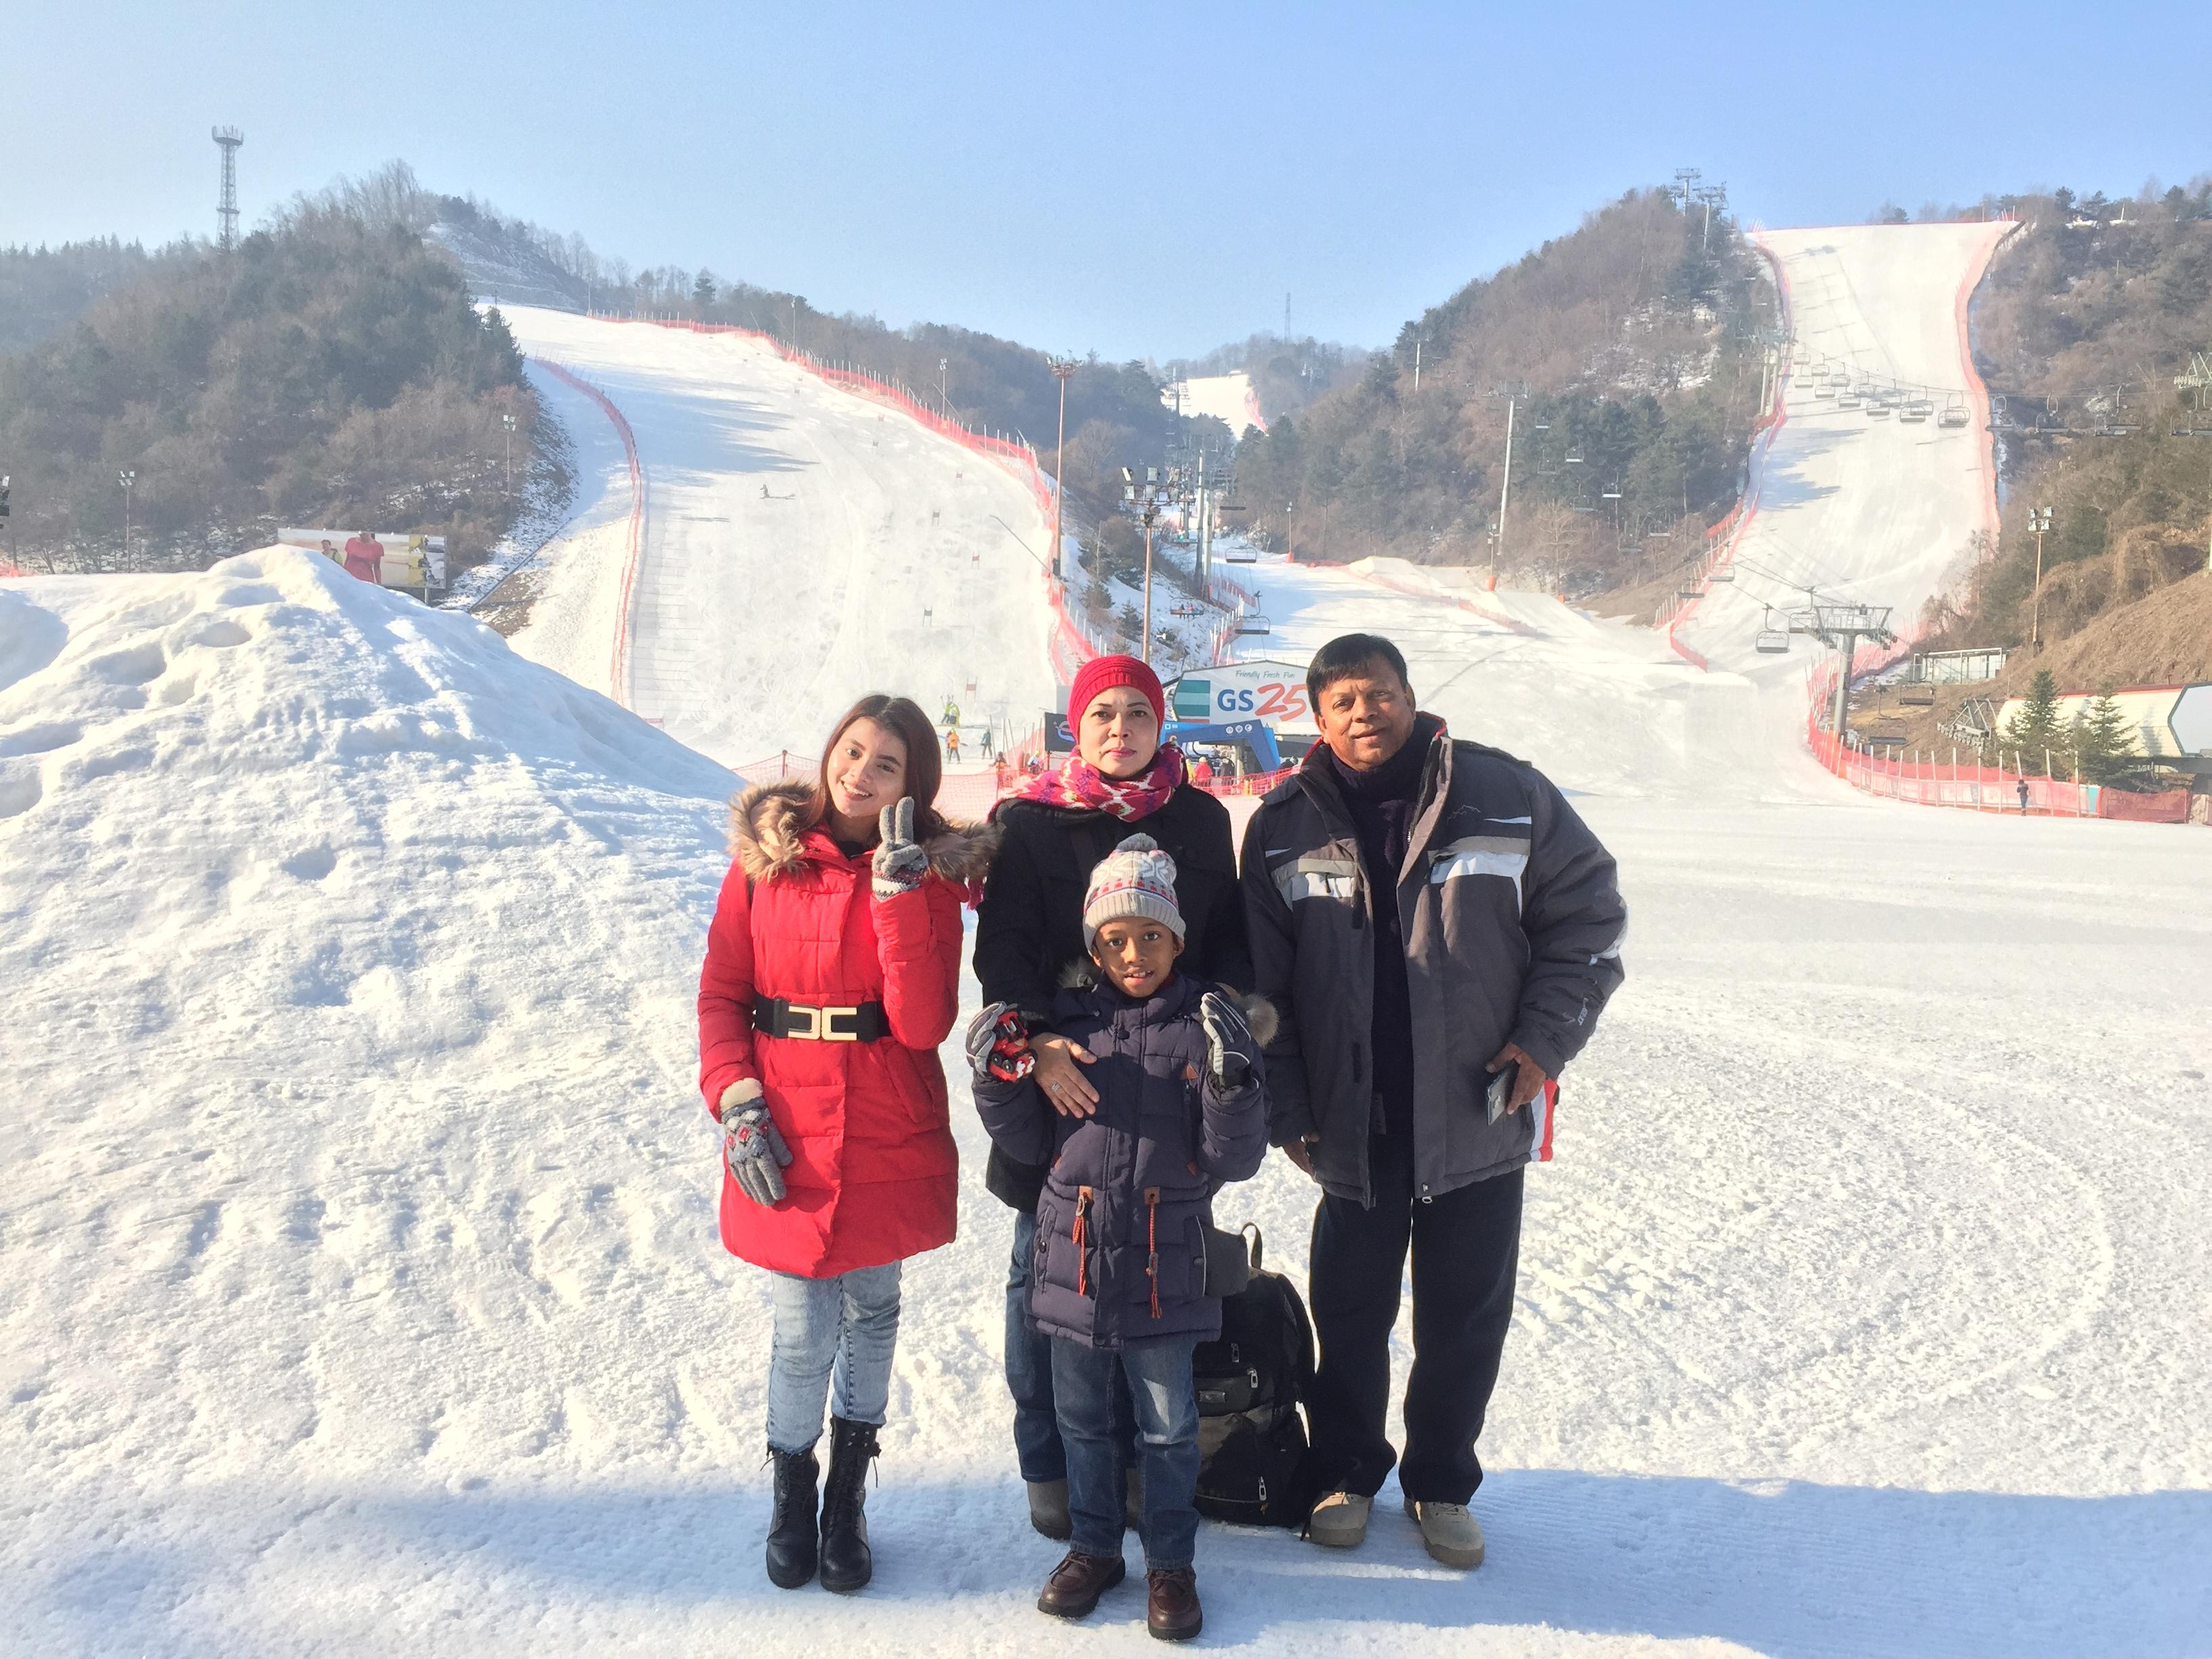 Enjoying the ski resort